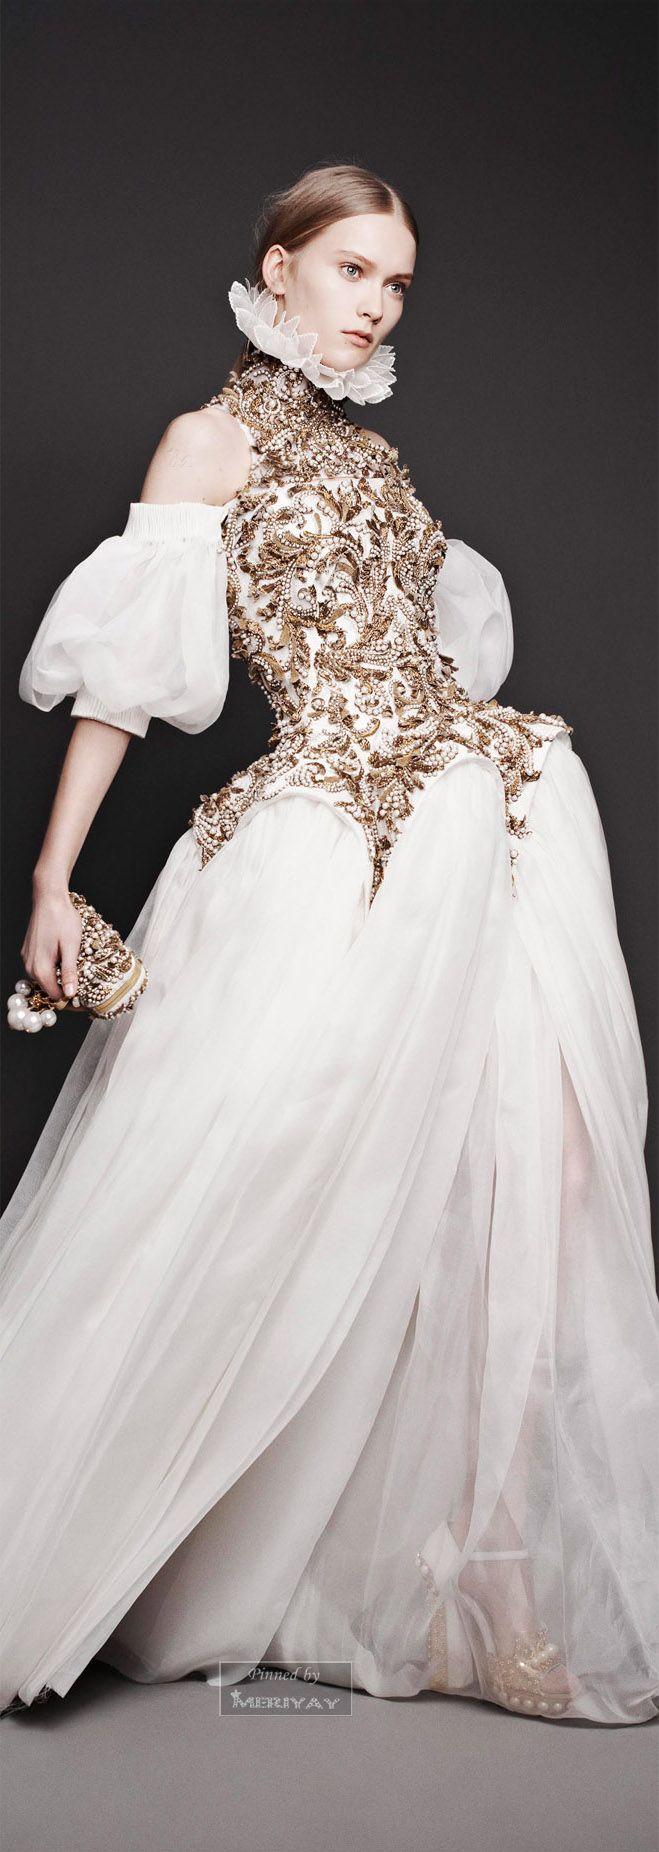 Vestido Alexander Mcqueen variante de estilo barroco                                                                                                                                                                                 Más